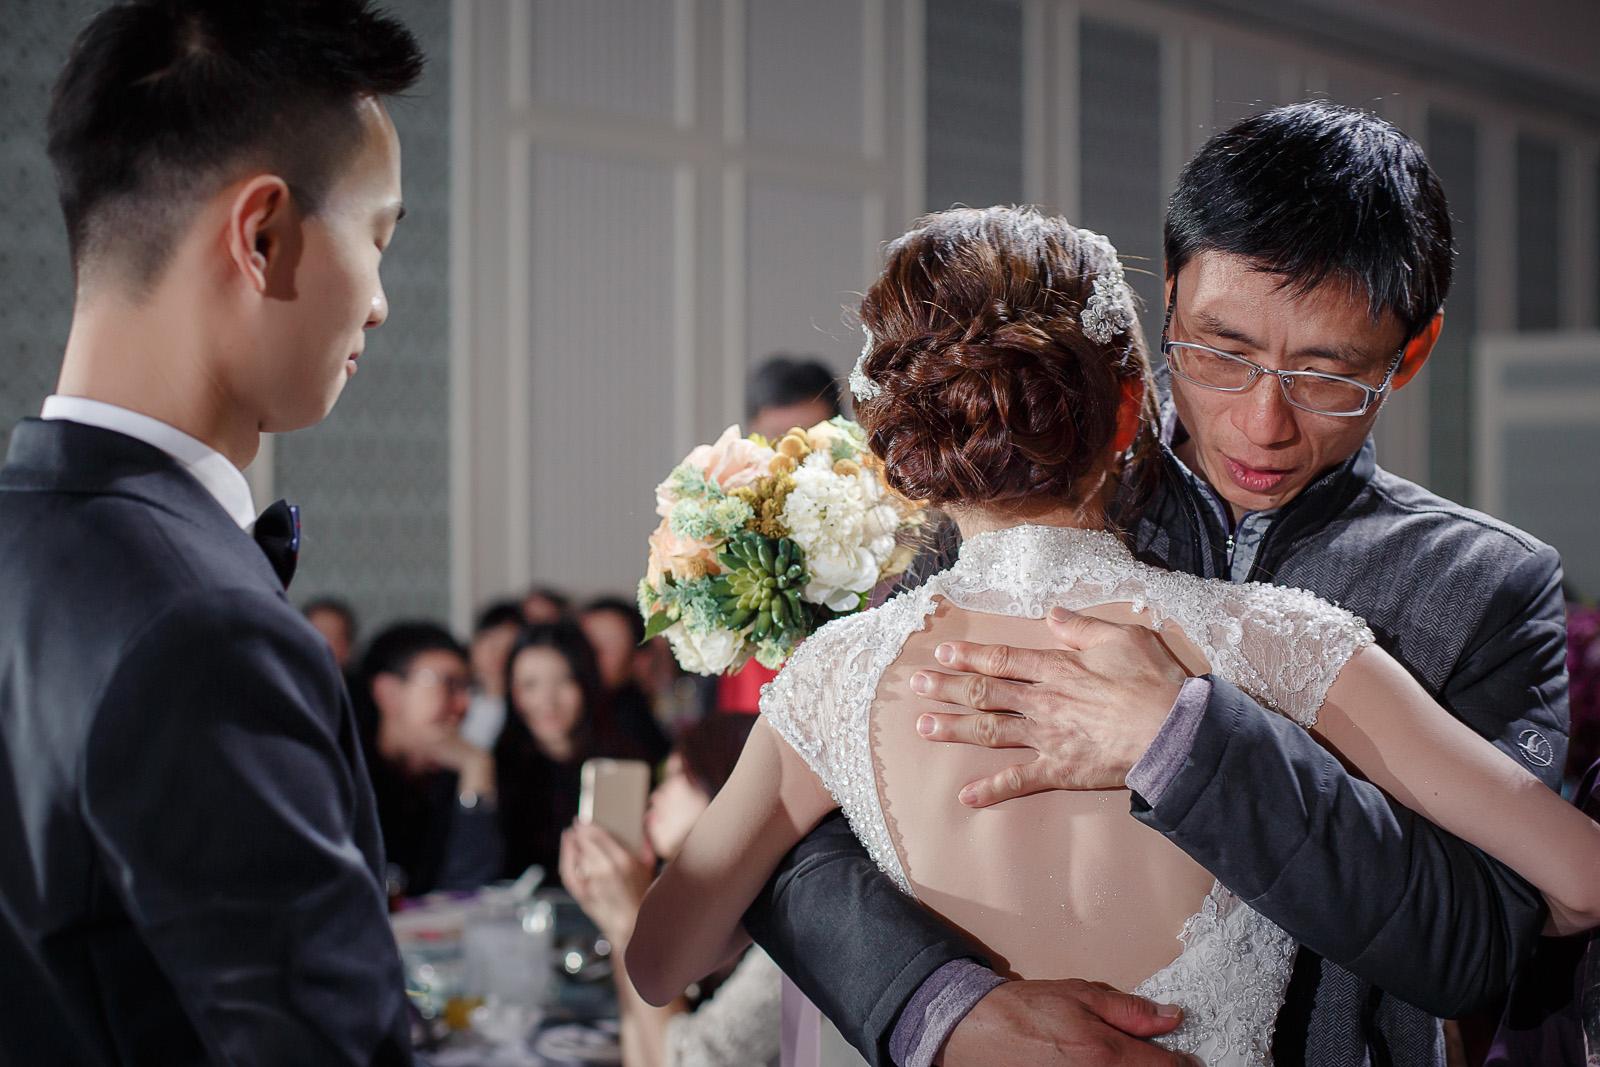 高雄圓山飯店,婚禮攝影,婚攝,高雄婚攝,優質婚攝推薦,Jen&Ethan-251